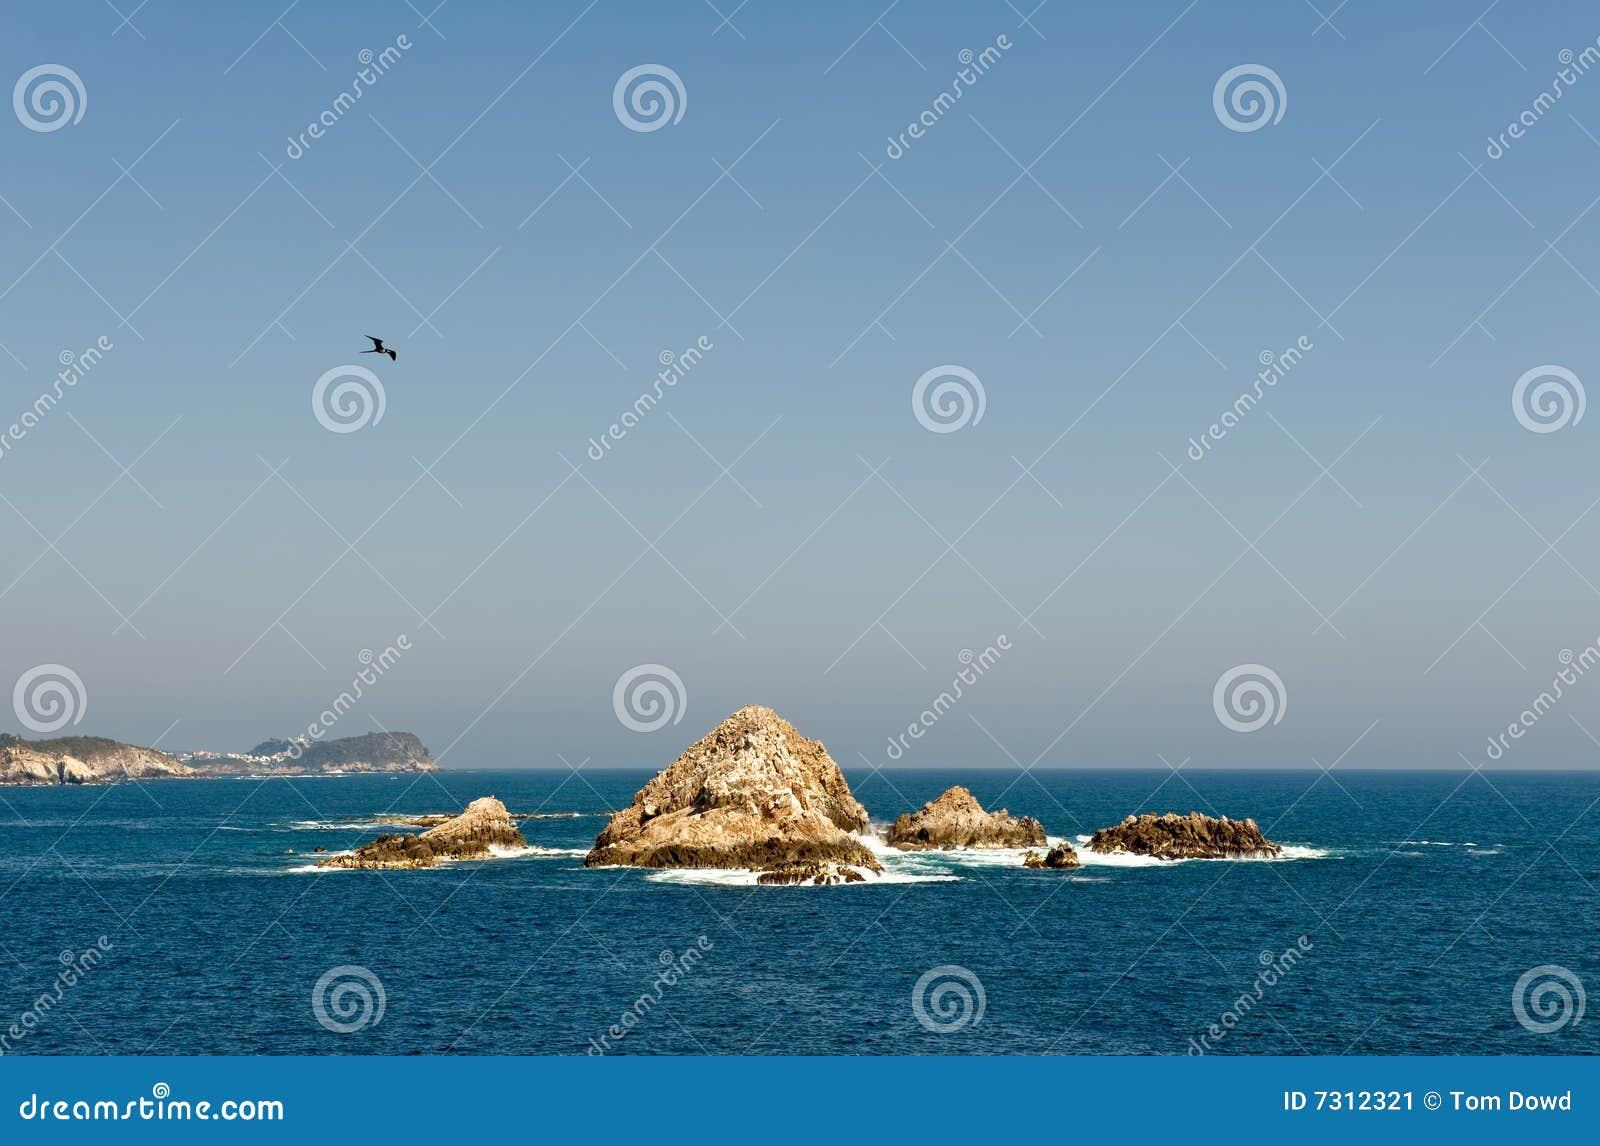 Formazione rocciosa in oceano